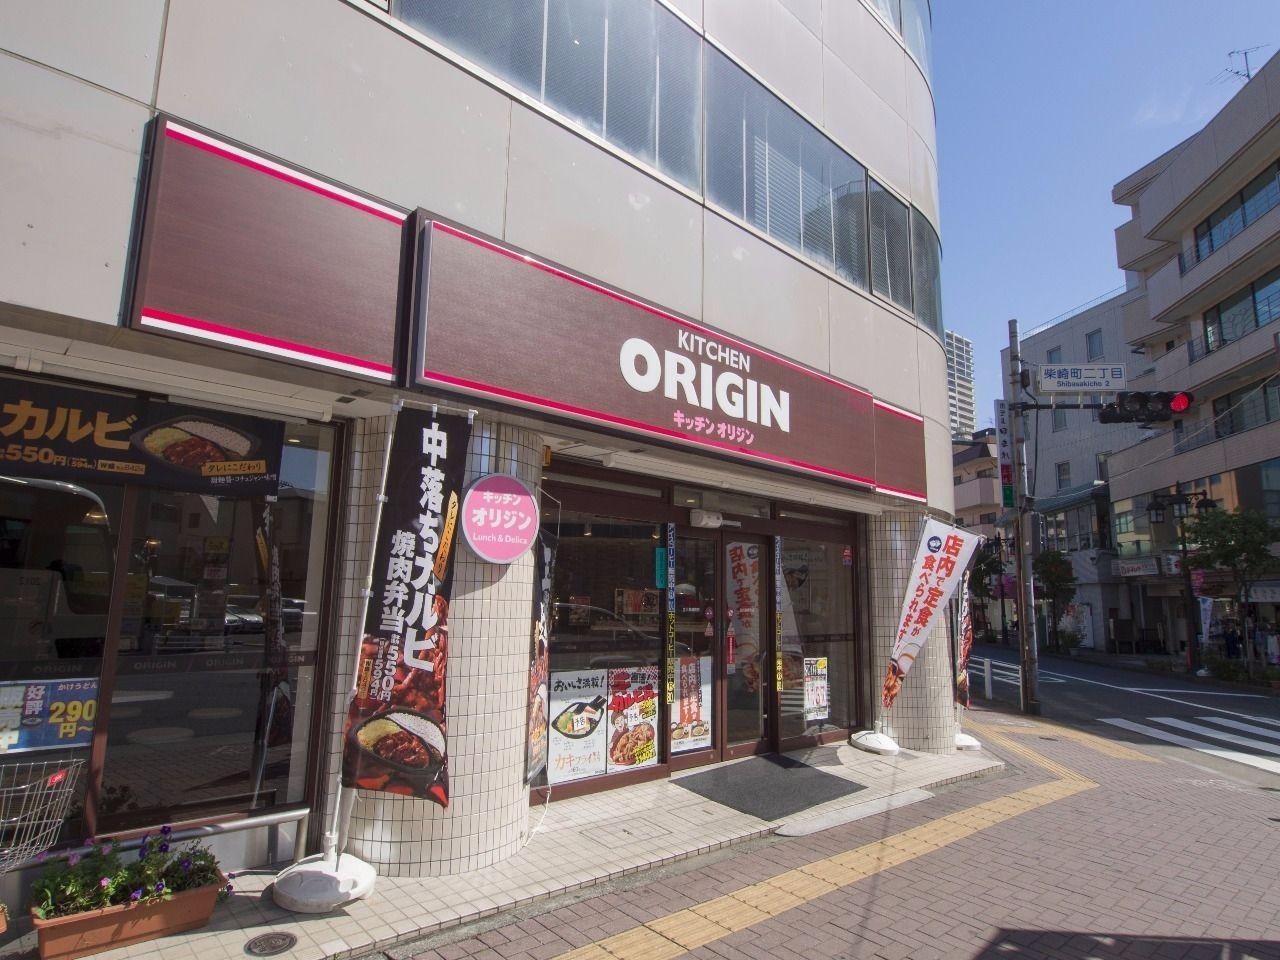 立川駅までの道中にある惣菜店。エスフラットから「約580m」